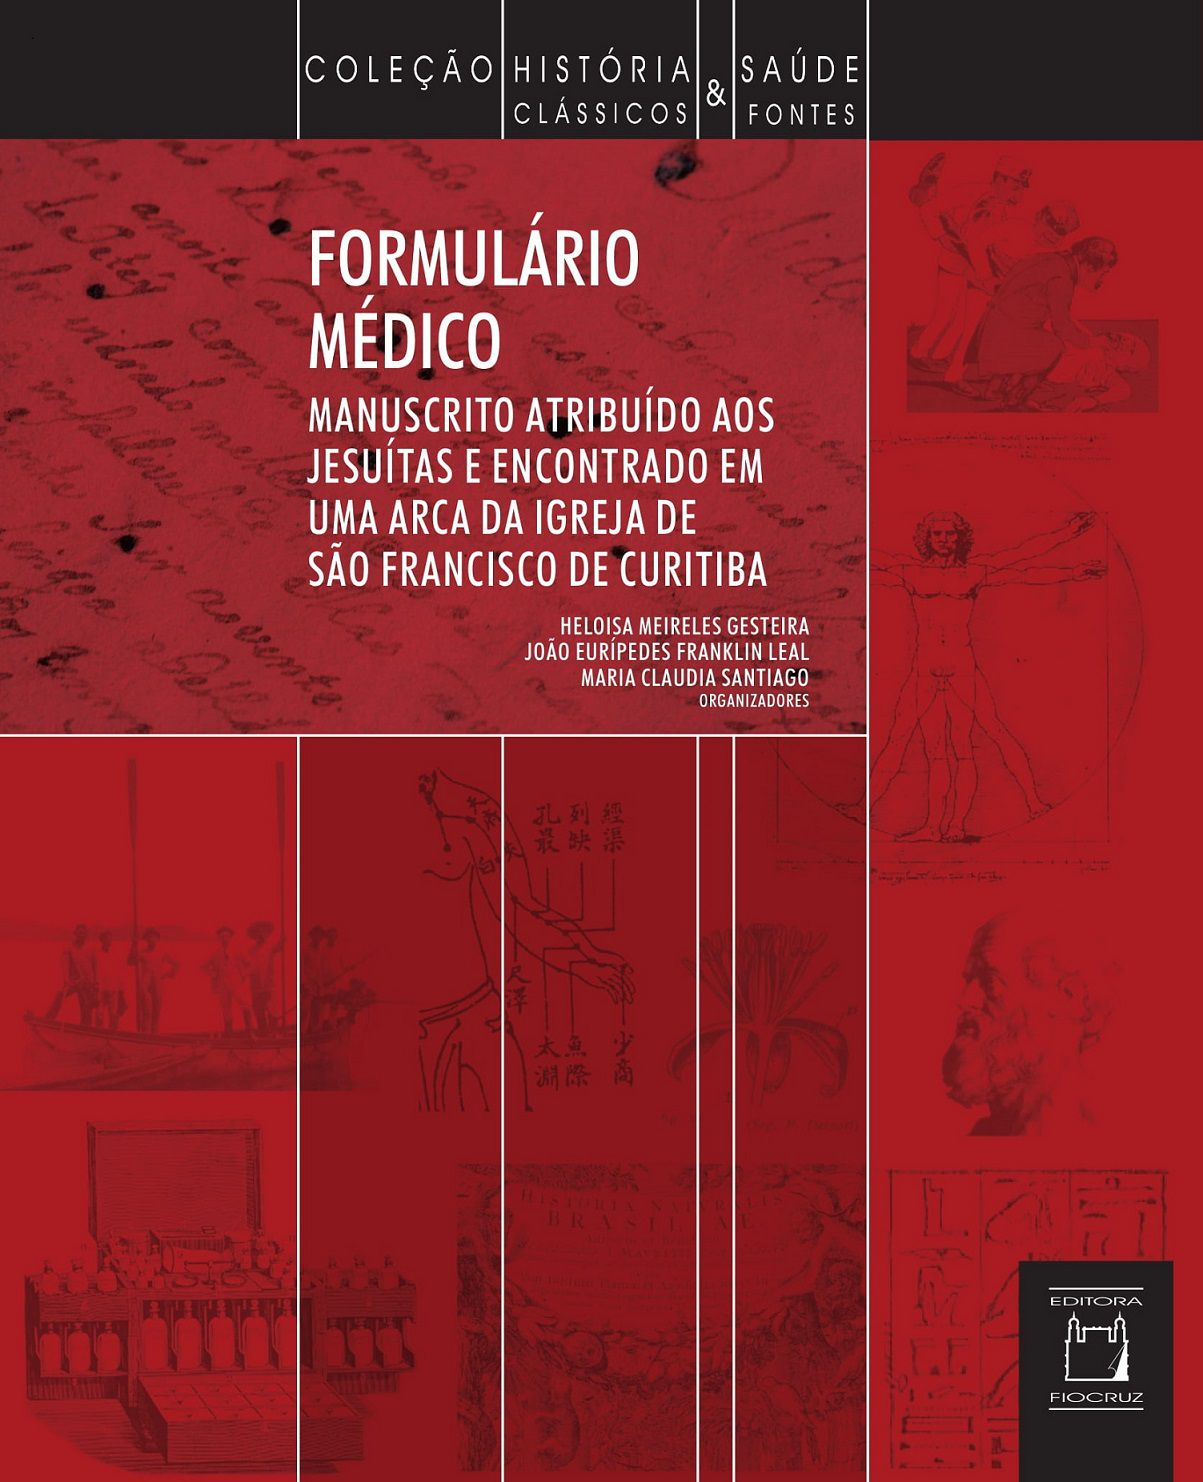 Formulário Médico: manuscrito atribuído aos jesuítas e encontrado em uma arca da Igreja de São Francisco de Curitiba  - Livraria Virtual da Editora Fiocruz